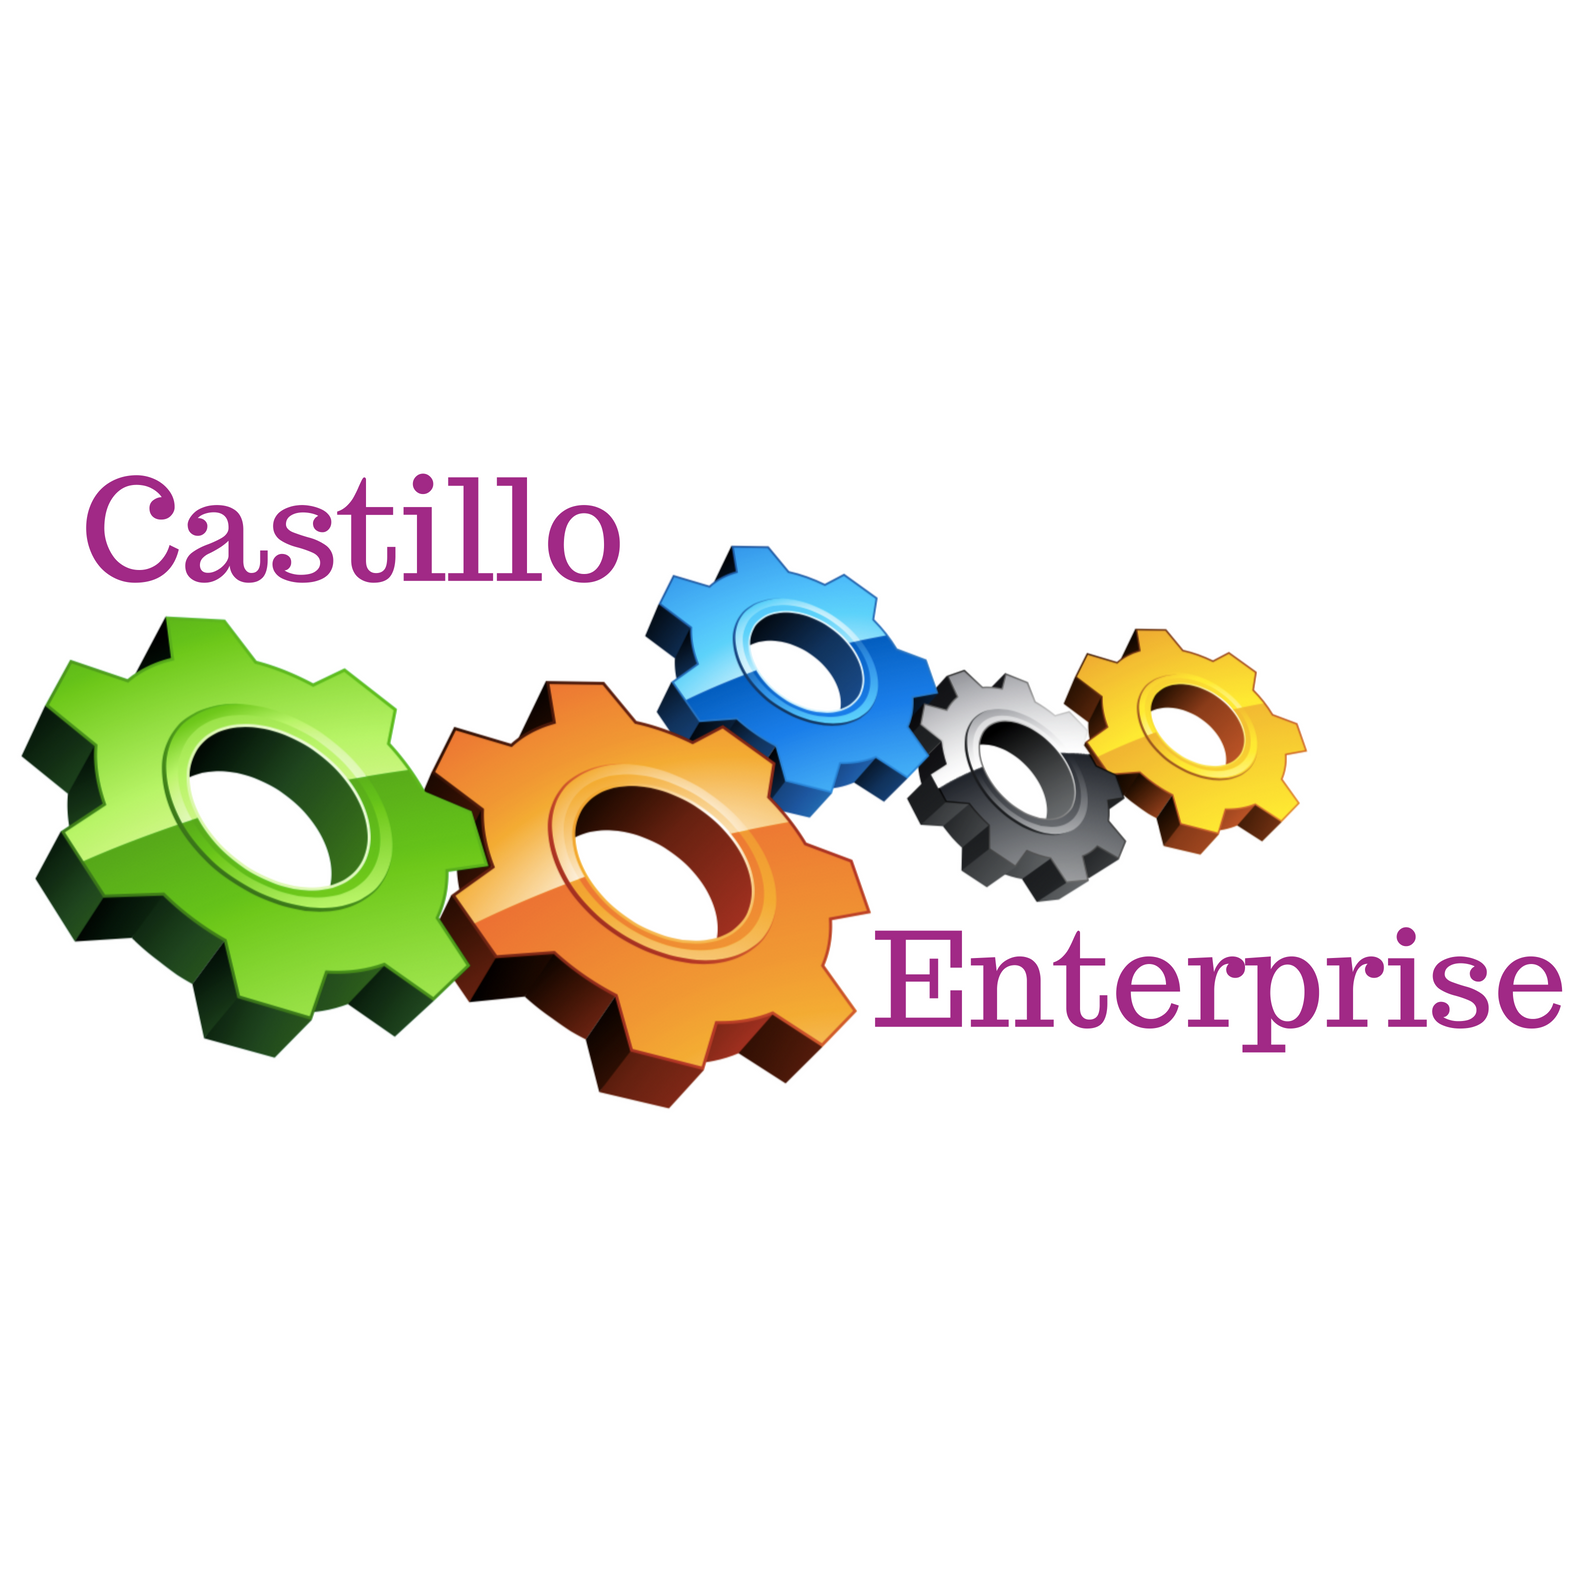 Castillo Enterprise